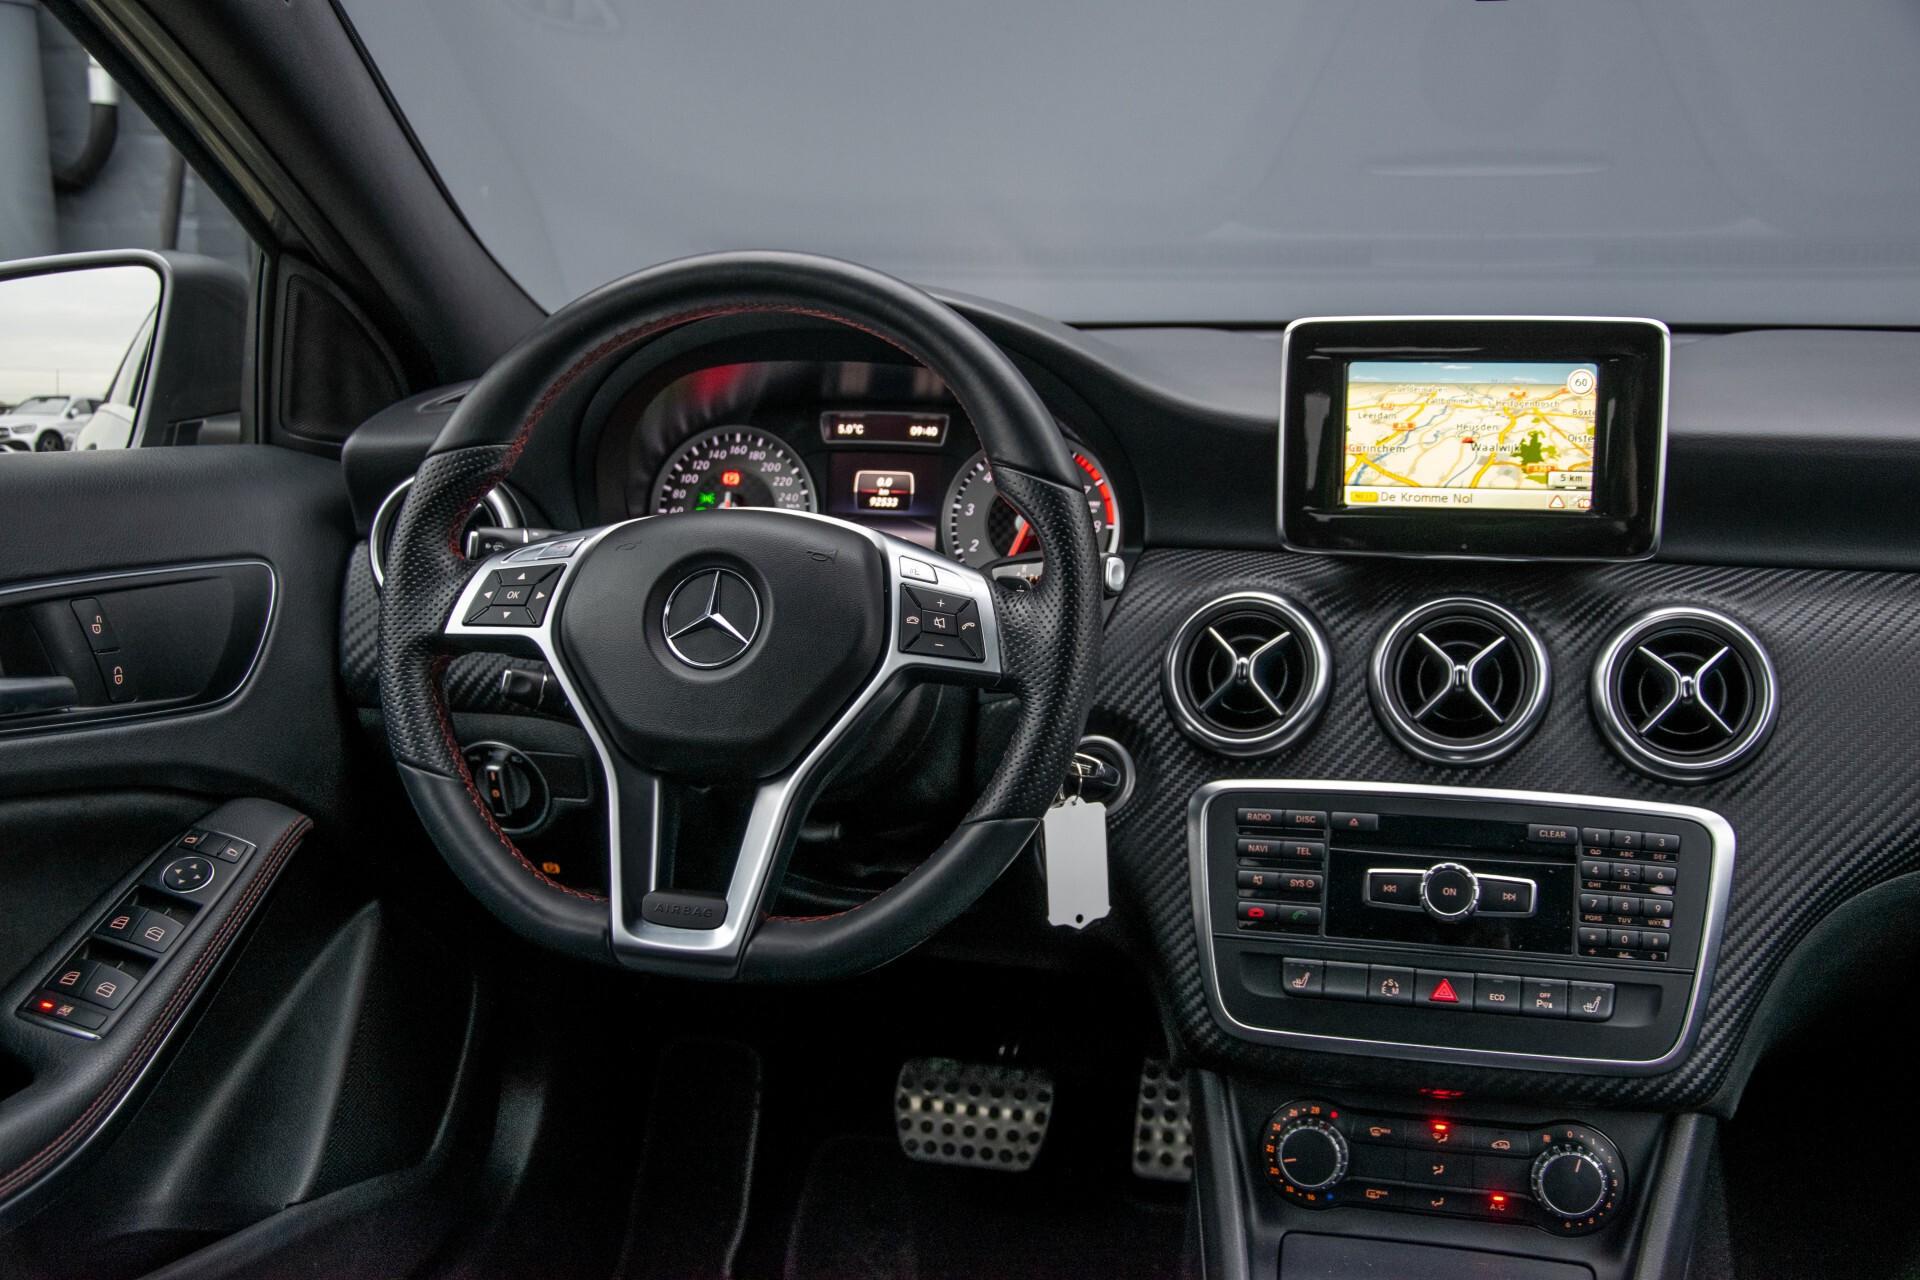 Mercedes-Benz A-Klasse 180 AMG Dynamic Handling/Camera/Xenon/Navi/Privacy Aut7 Foto 6